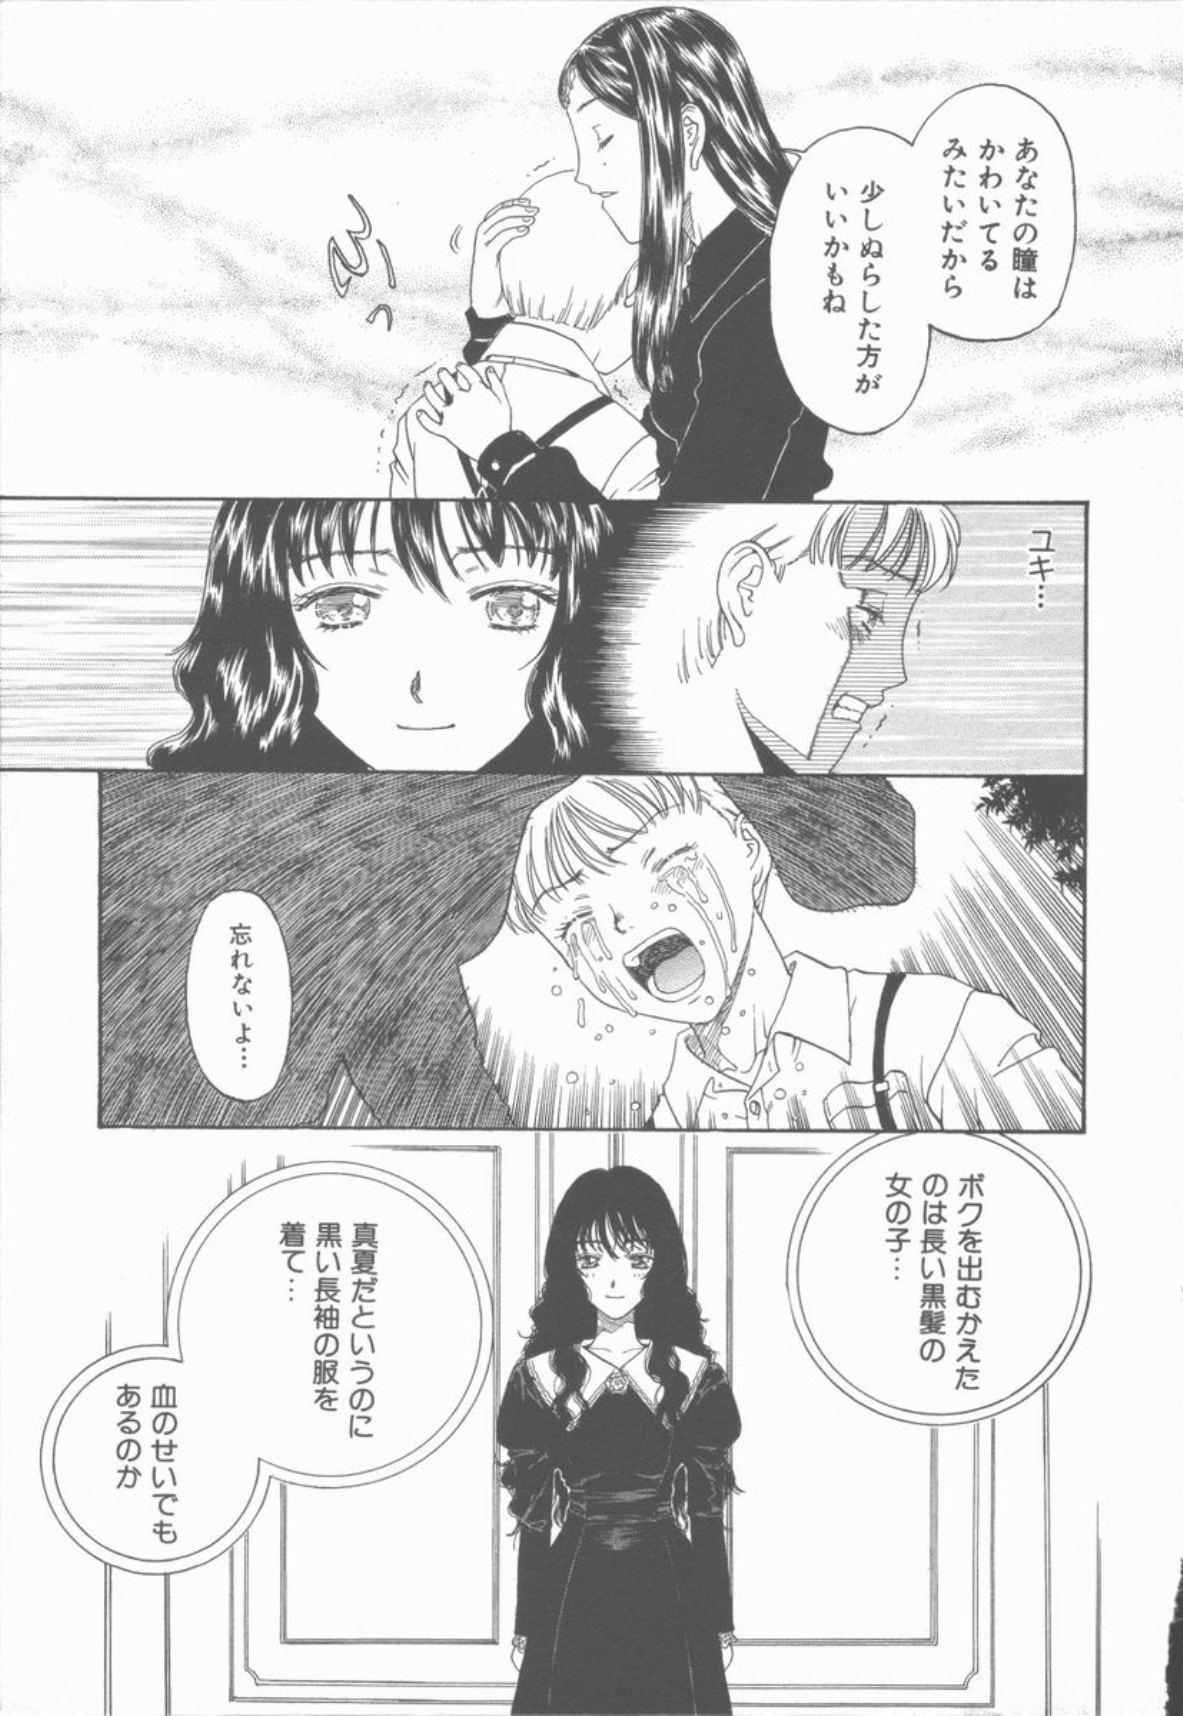 Inma no Sumu Yakata 191